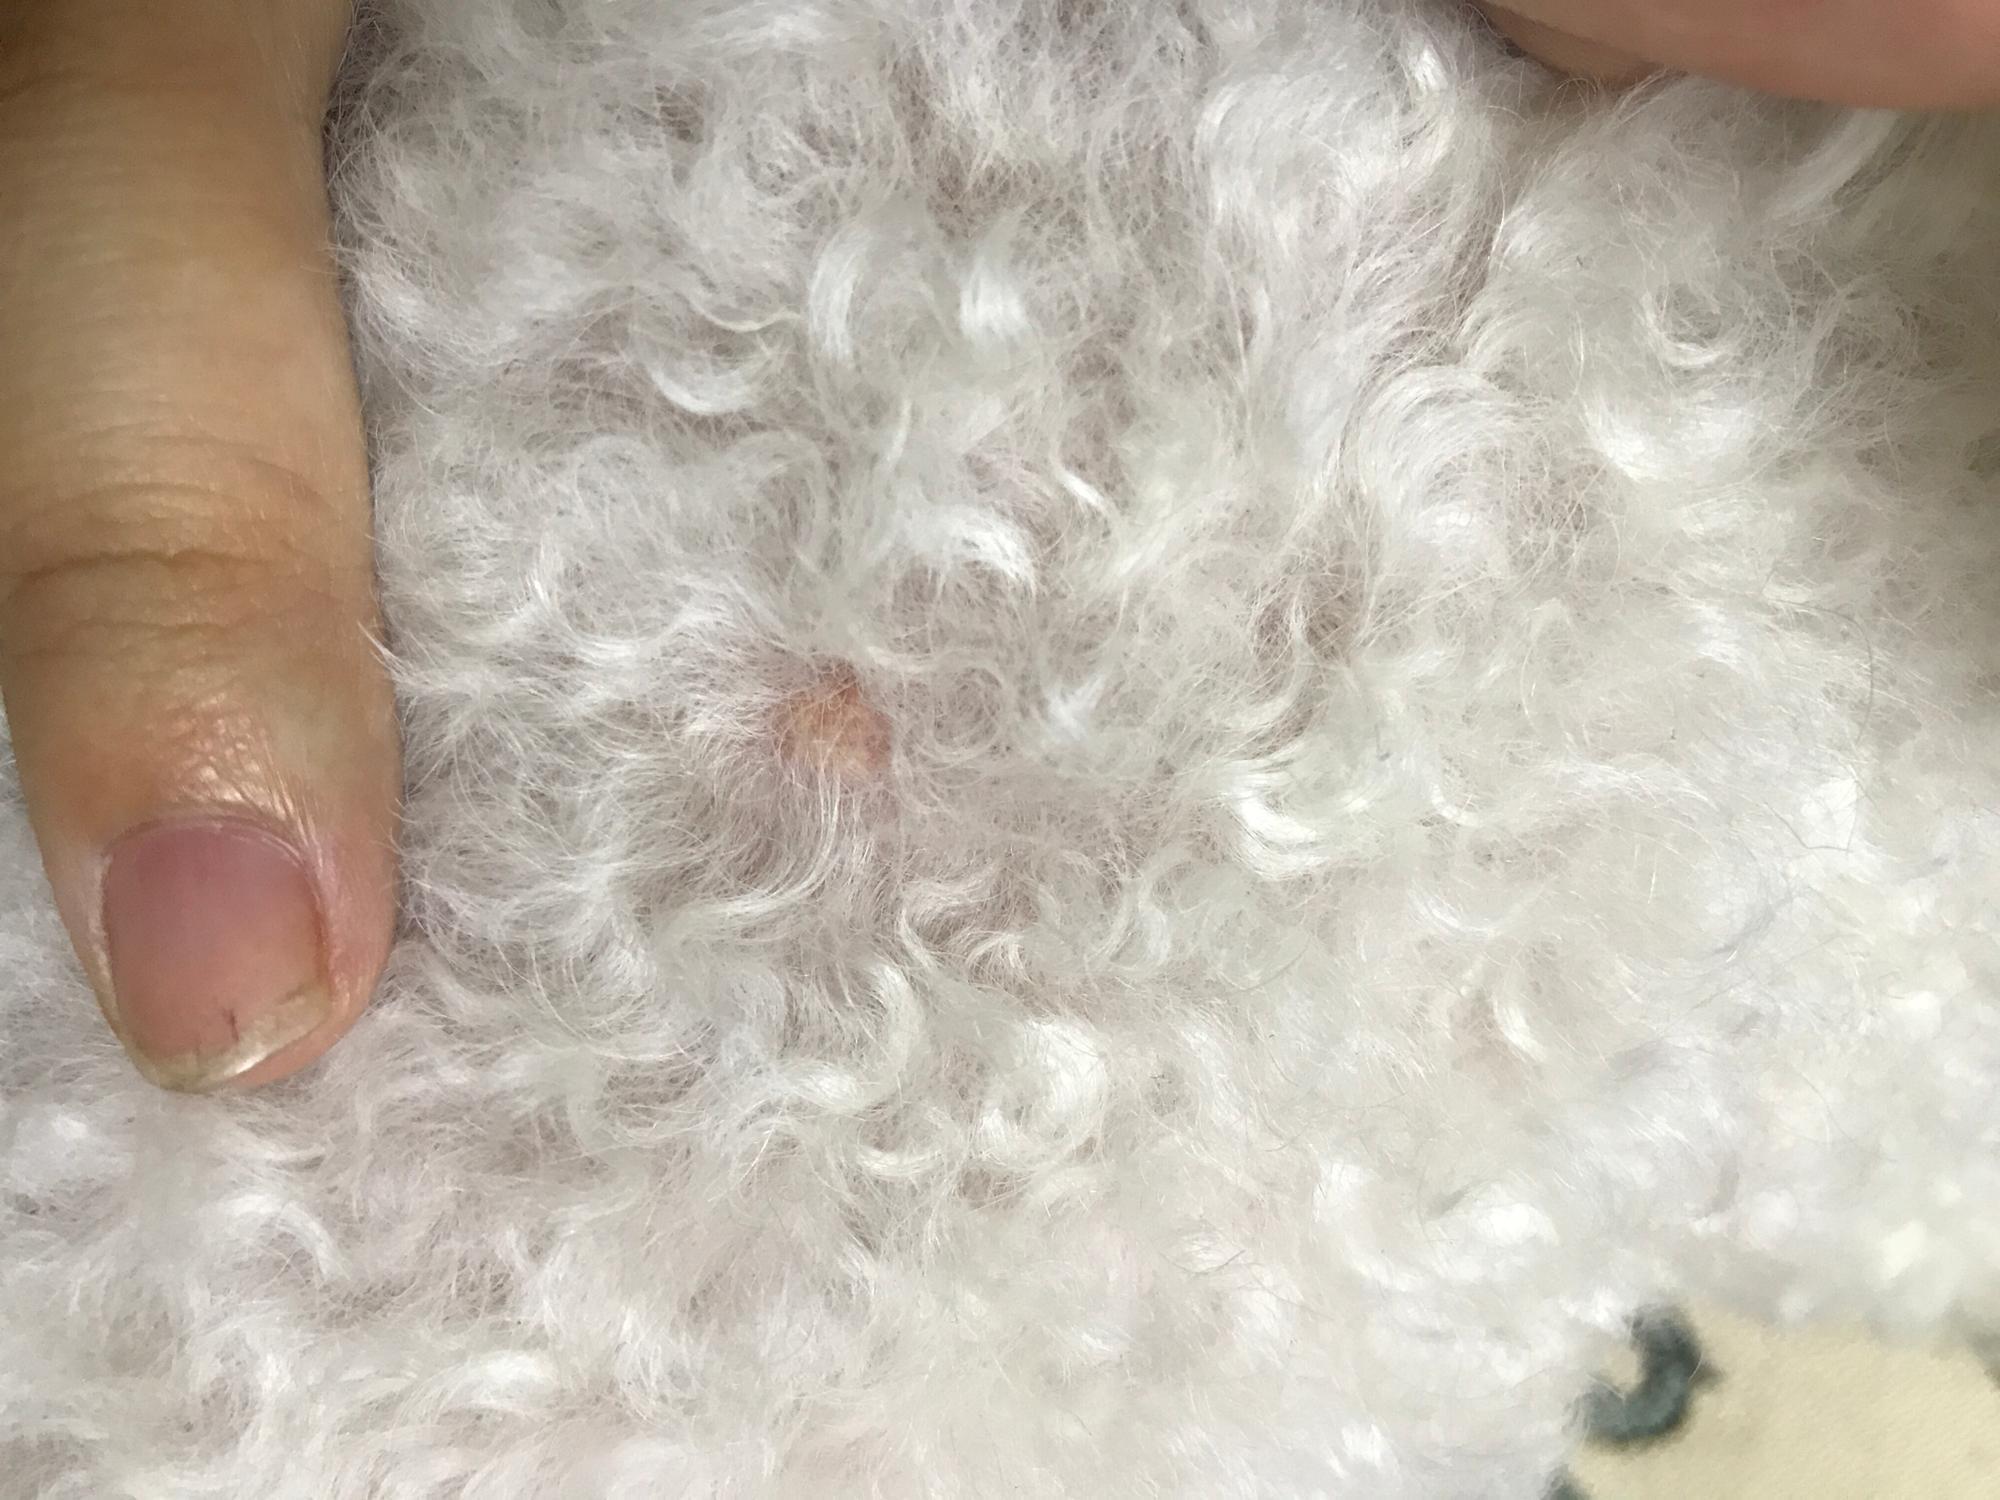 发现狗狗皮肤长了三个小瘤子,另外皮下隐约有一个小瘤子